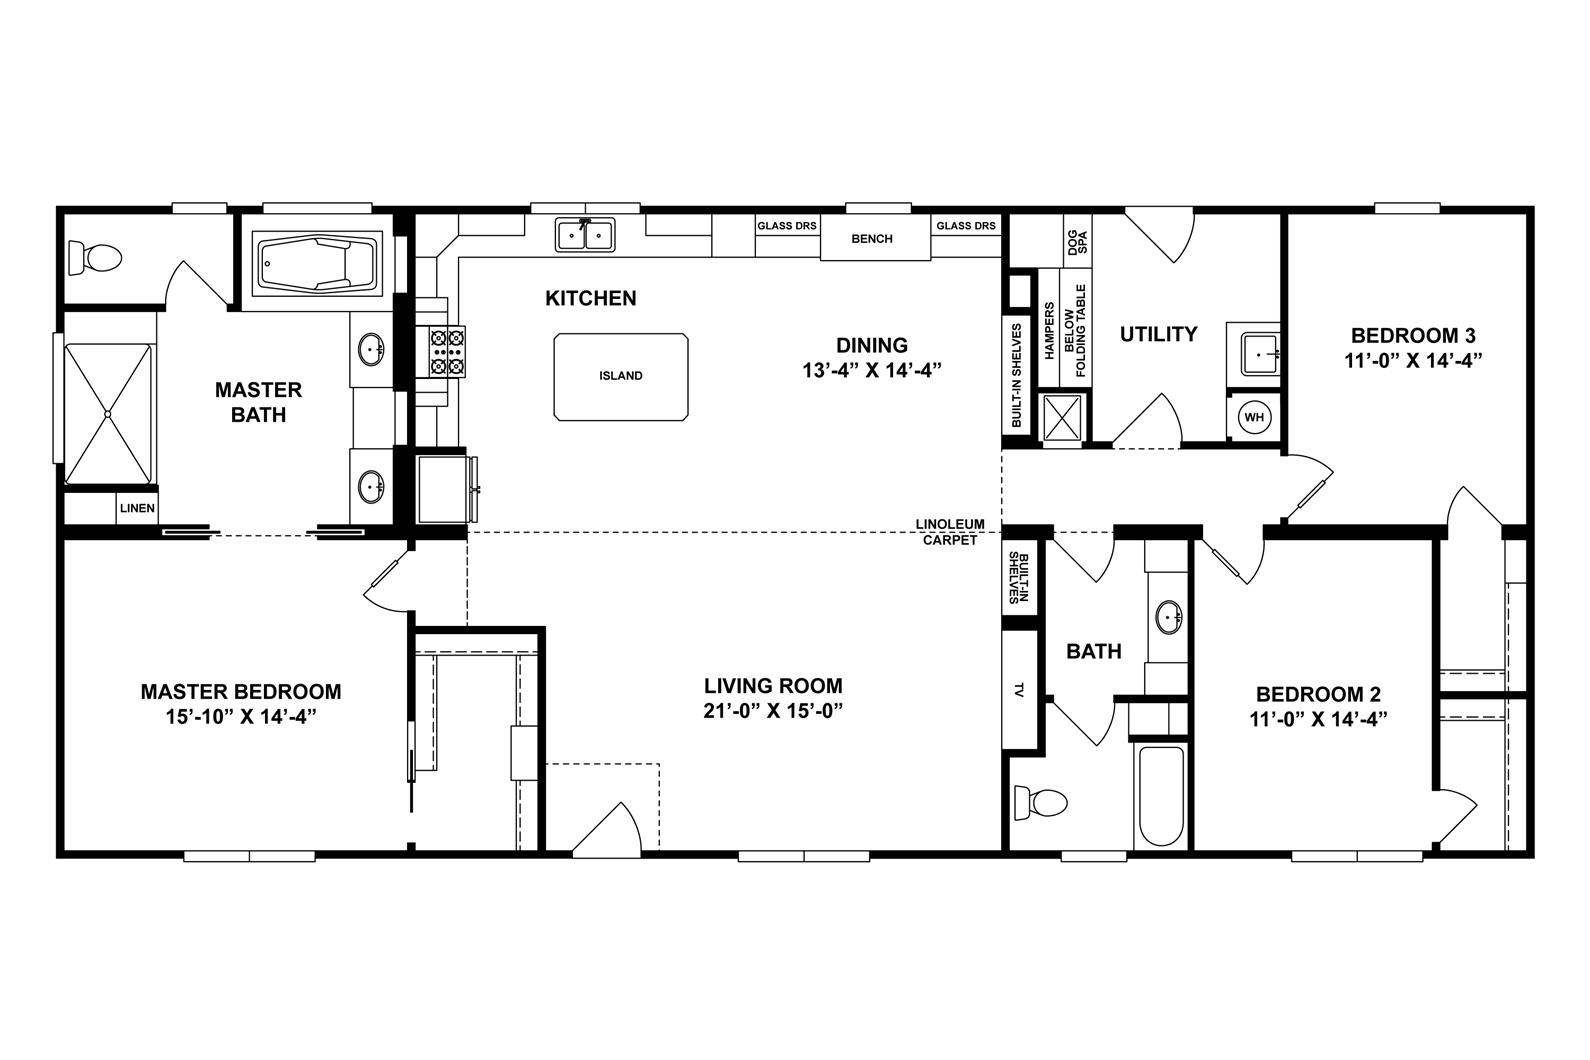 Interactive Floor Plan Floor Plans Clayton Homes House Floor Plans